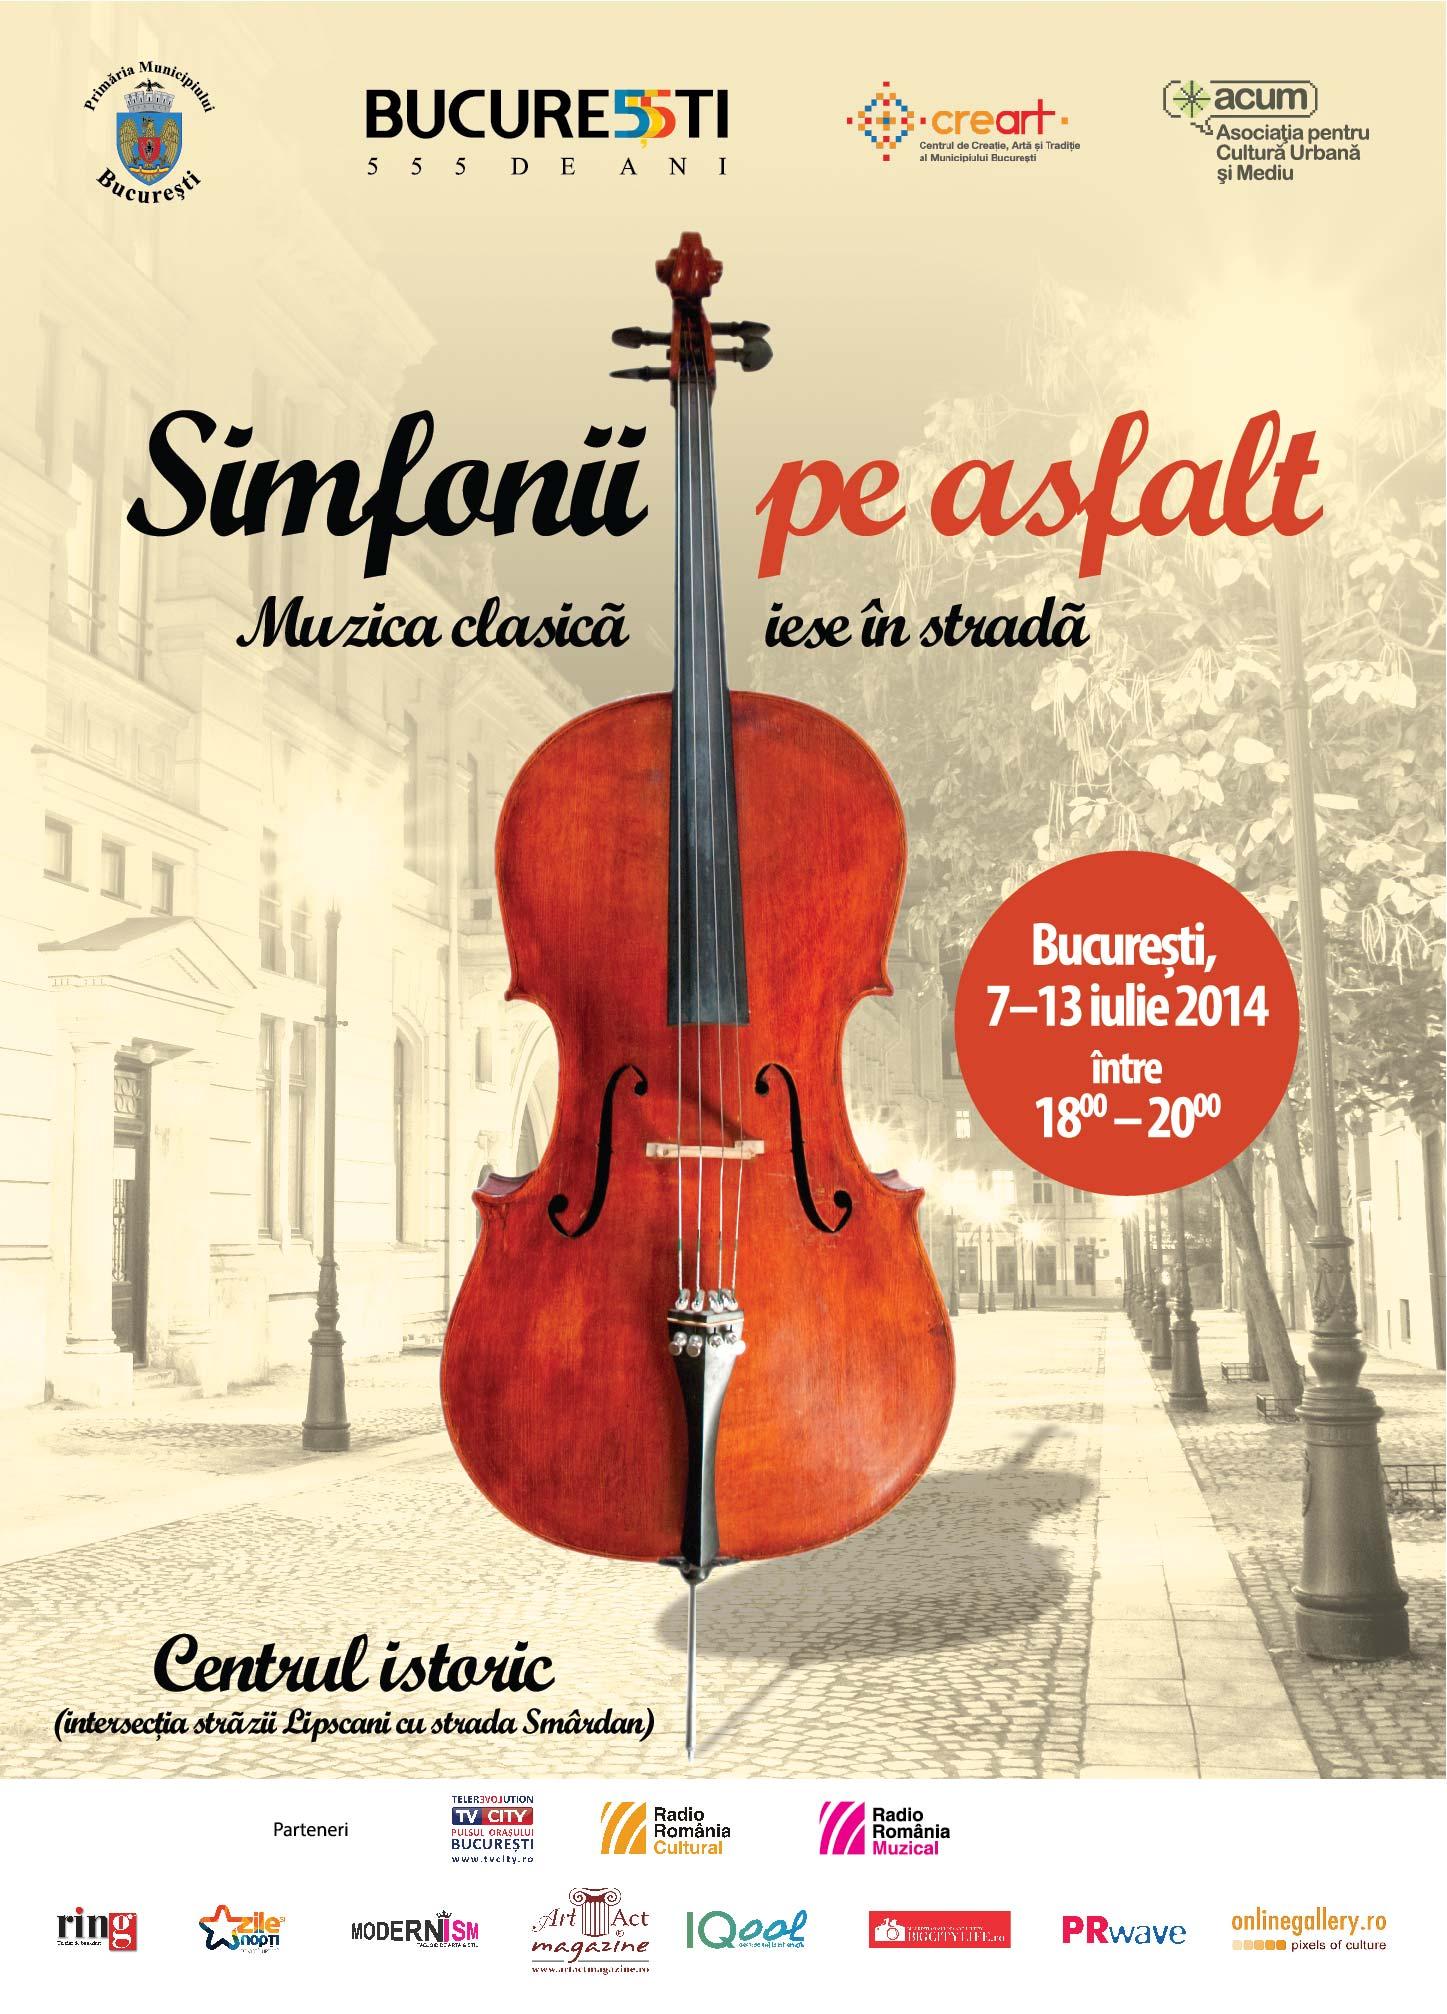 Muzică instrumentală clasică în stradă la București: Simfonii pe asfalt